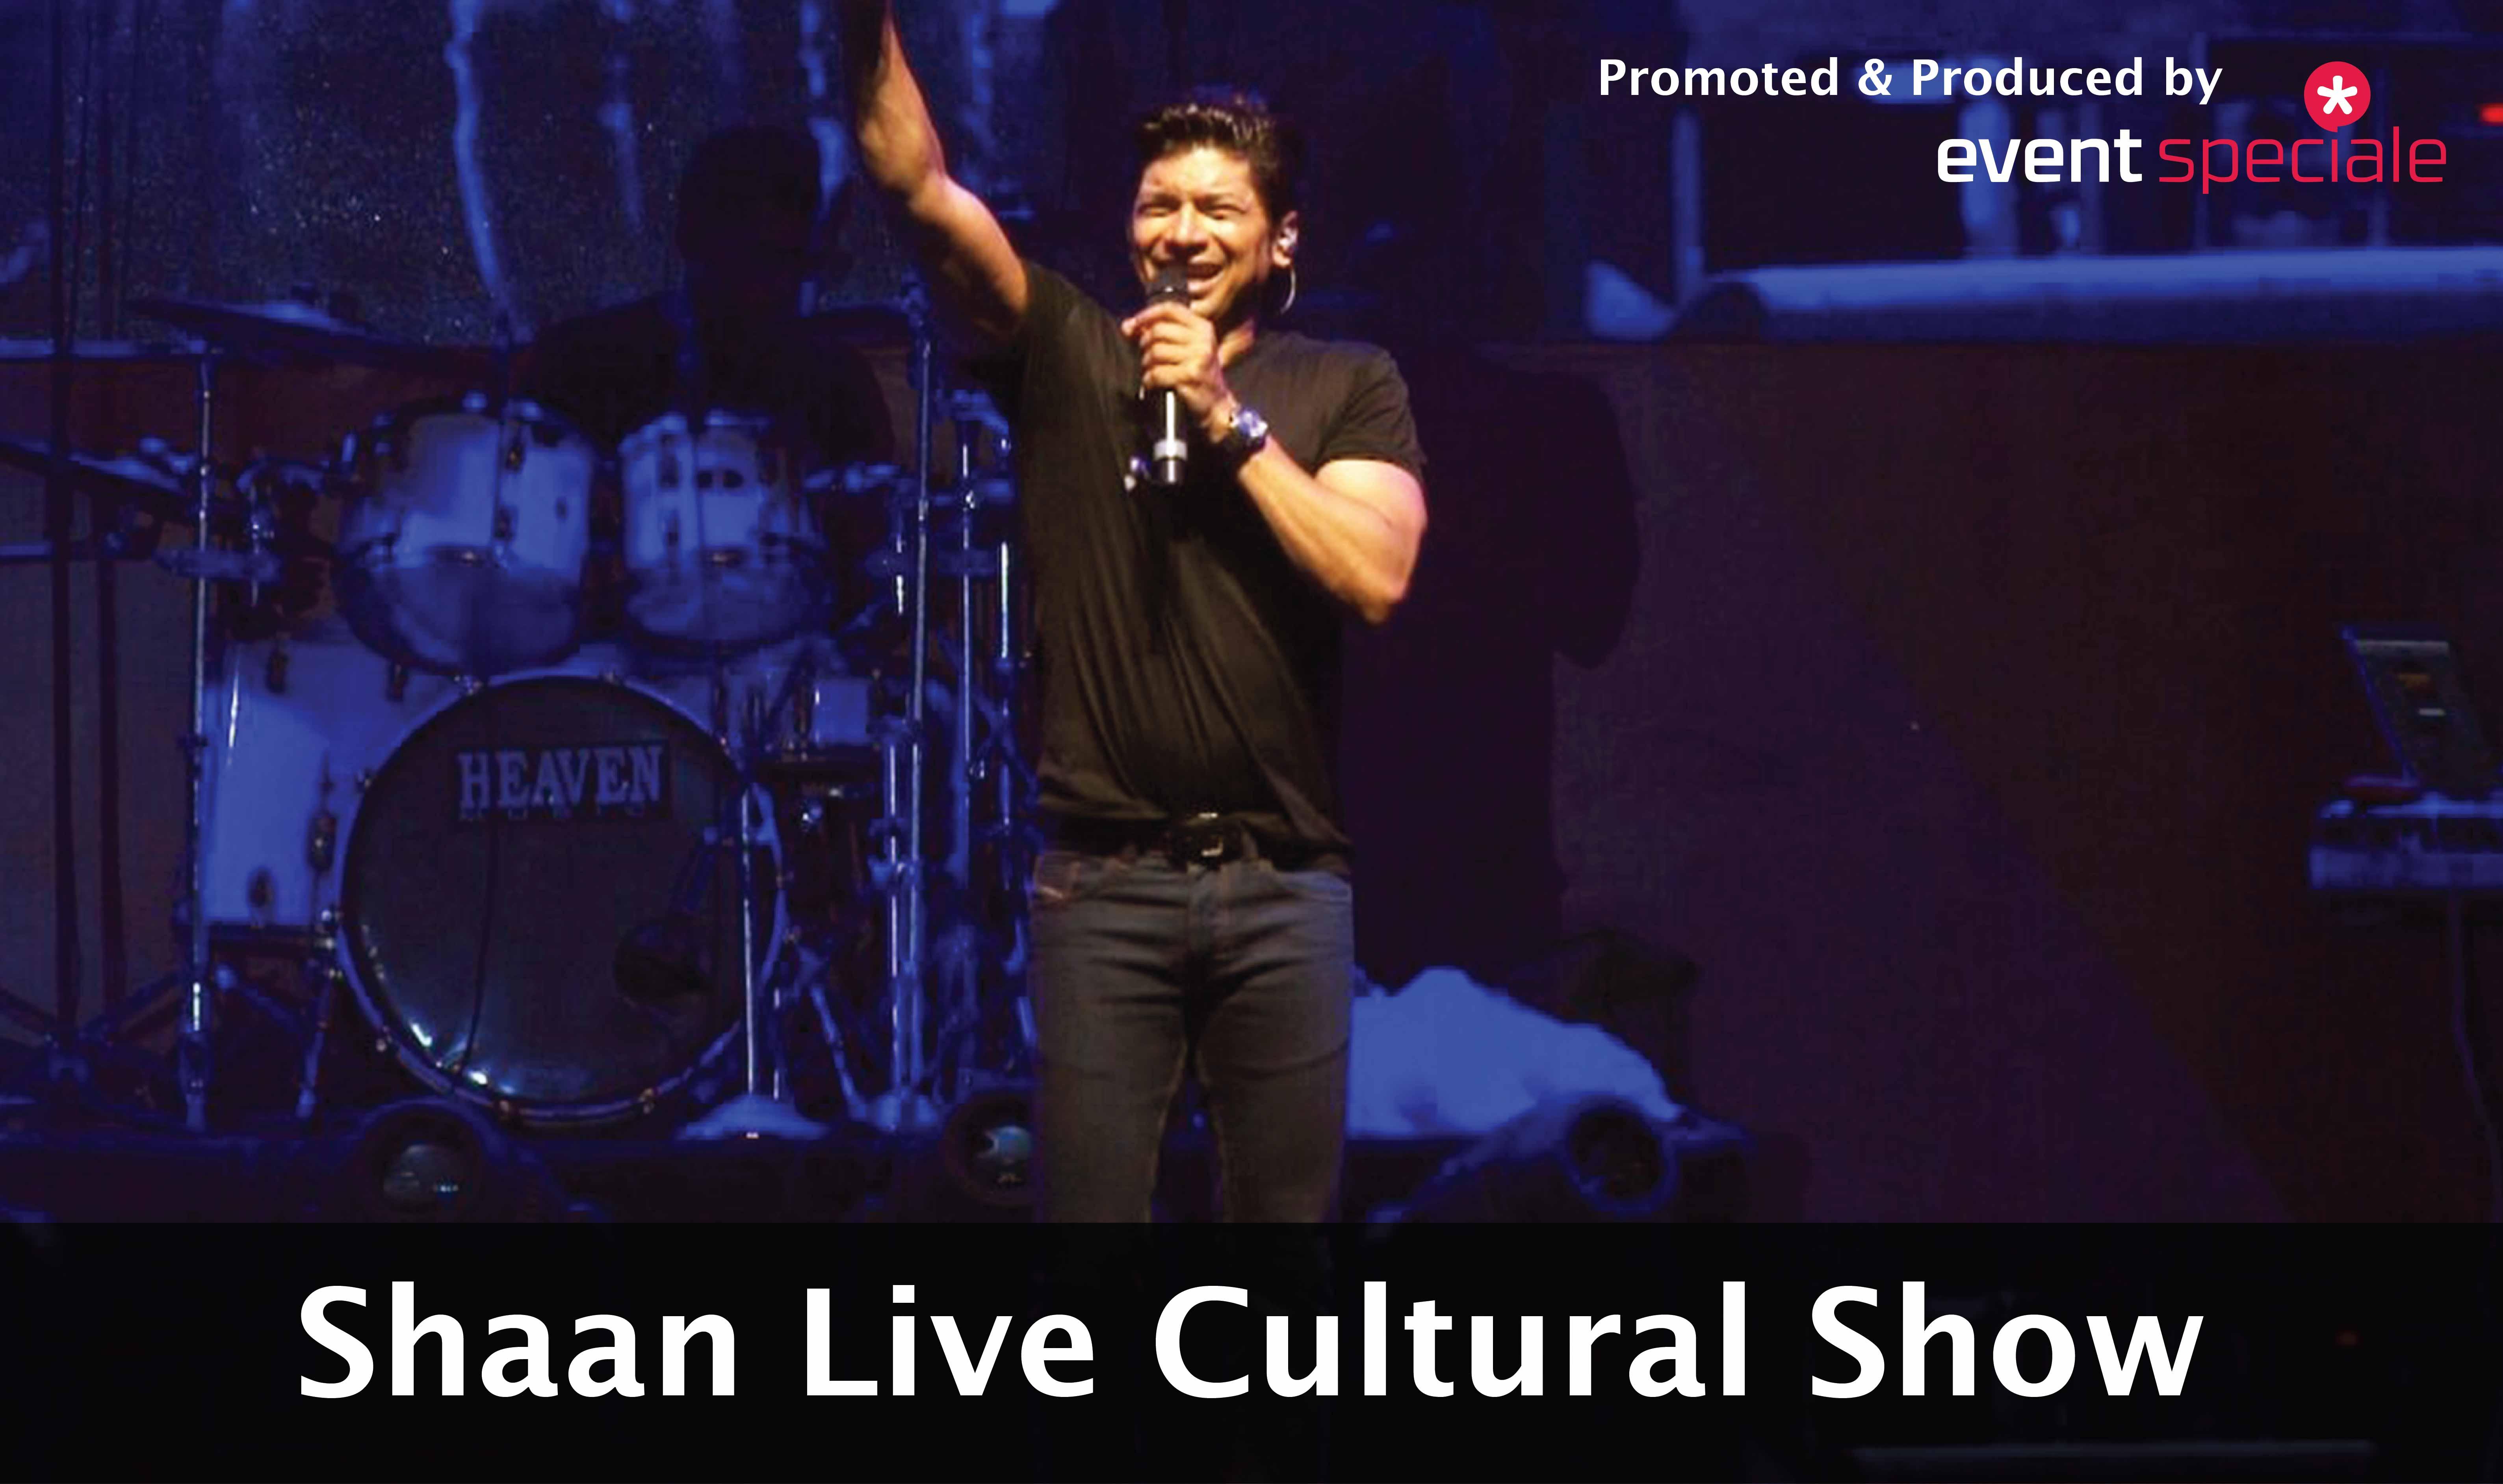 Shaan Live Cultural Show